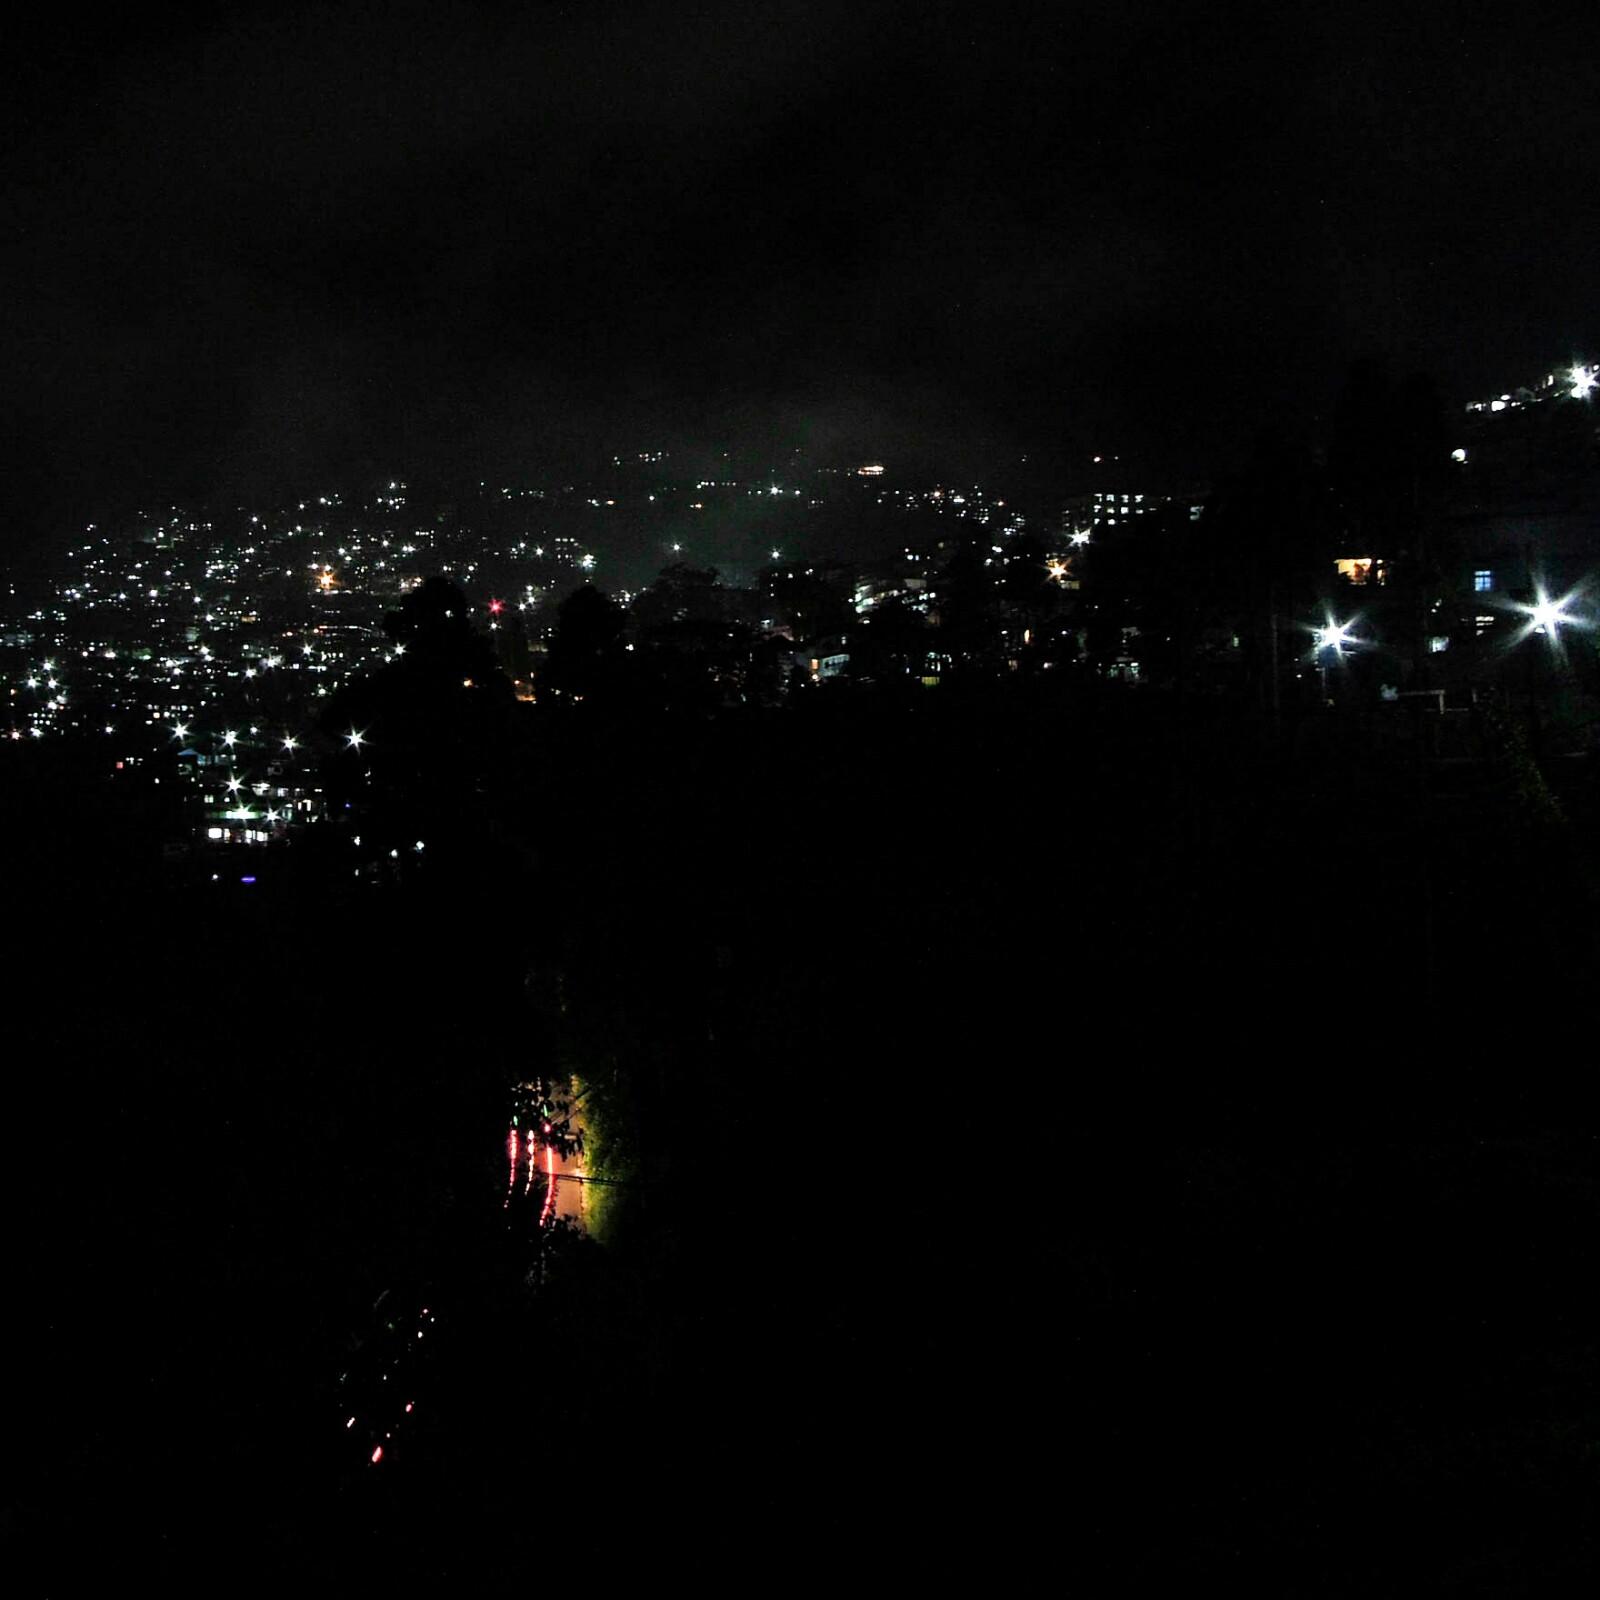 Kurseong bei Nacht